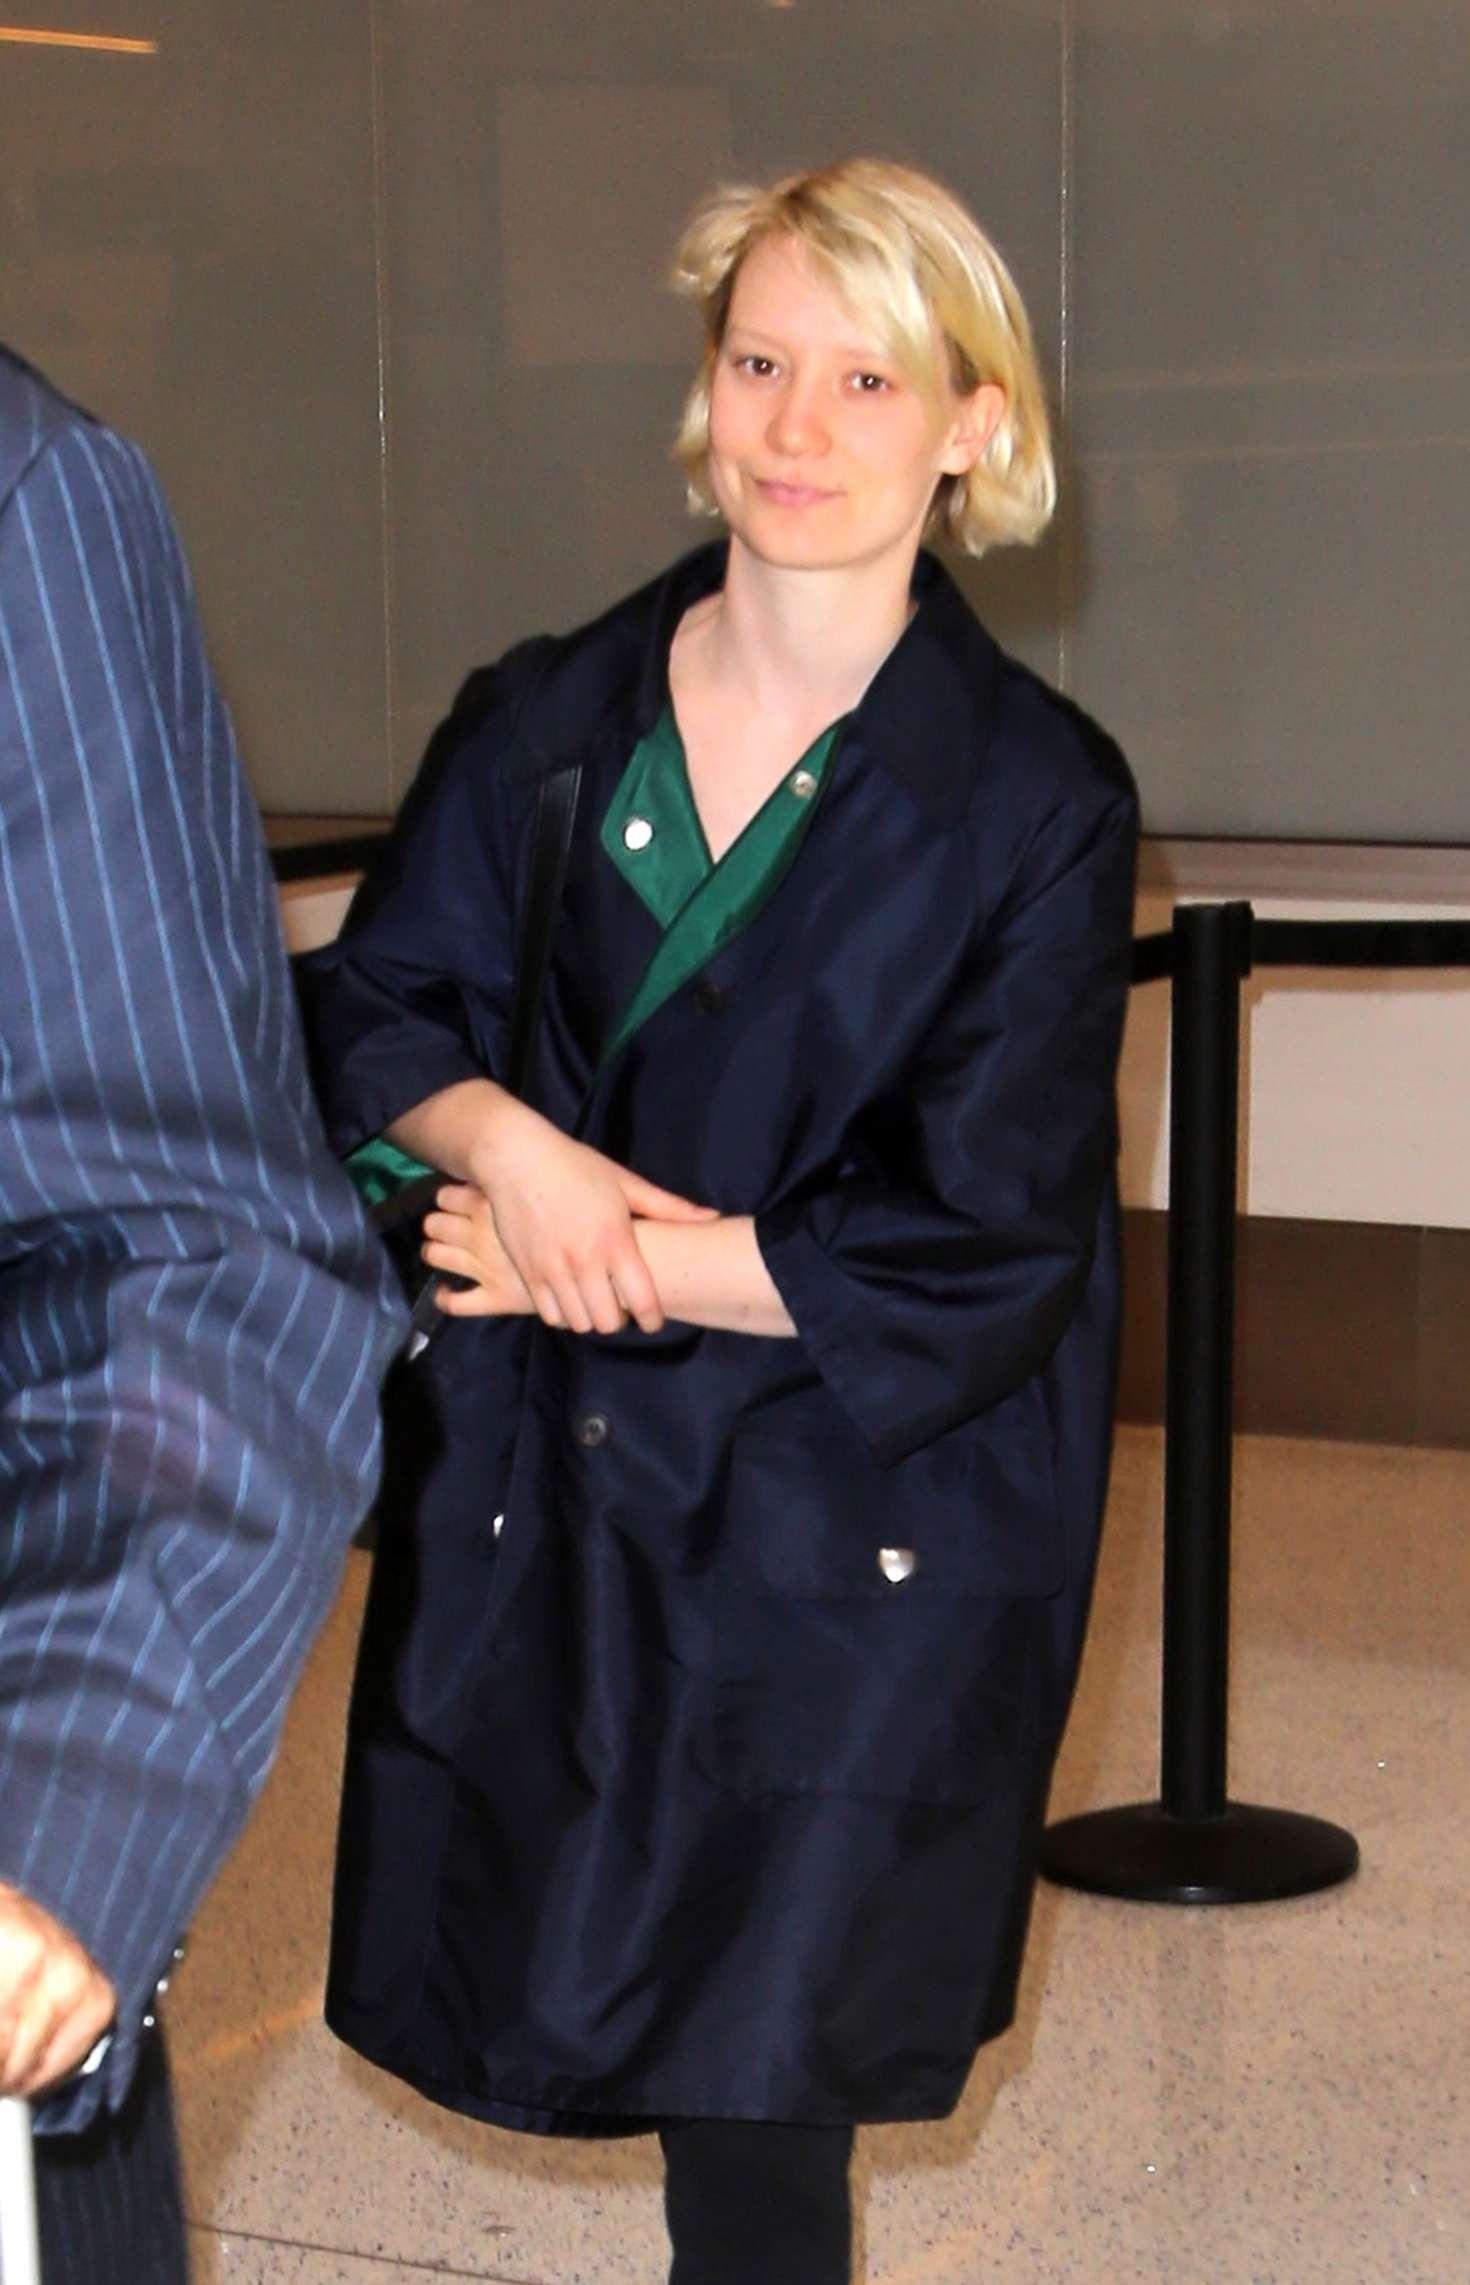 Mia Wasikowska at LAX Airport in Los Angeles